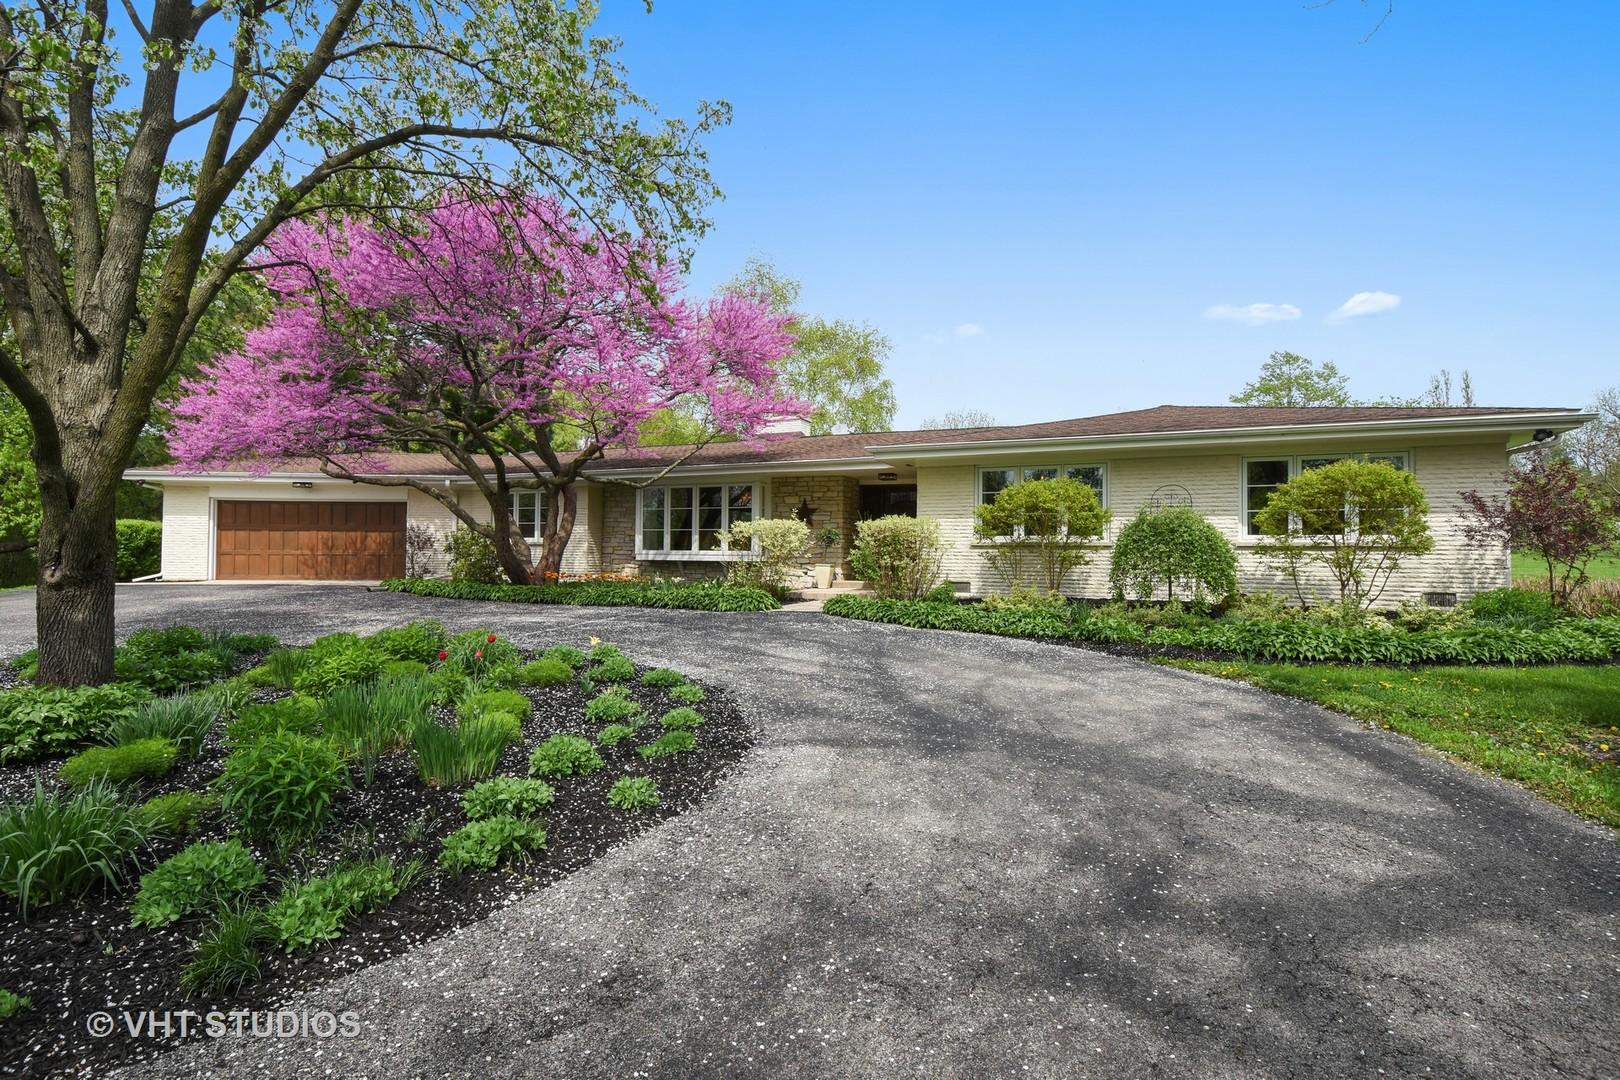 73 Dundee Lane, Barrington Hills, Illinois 60010